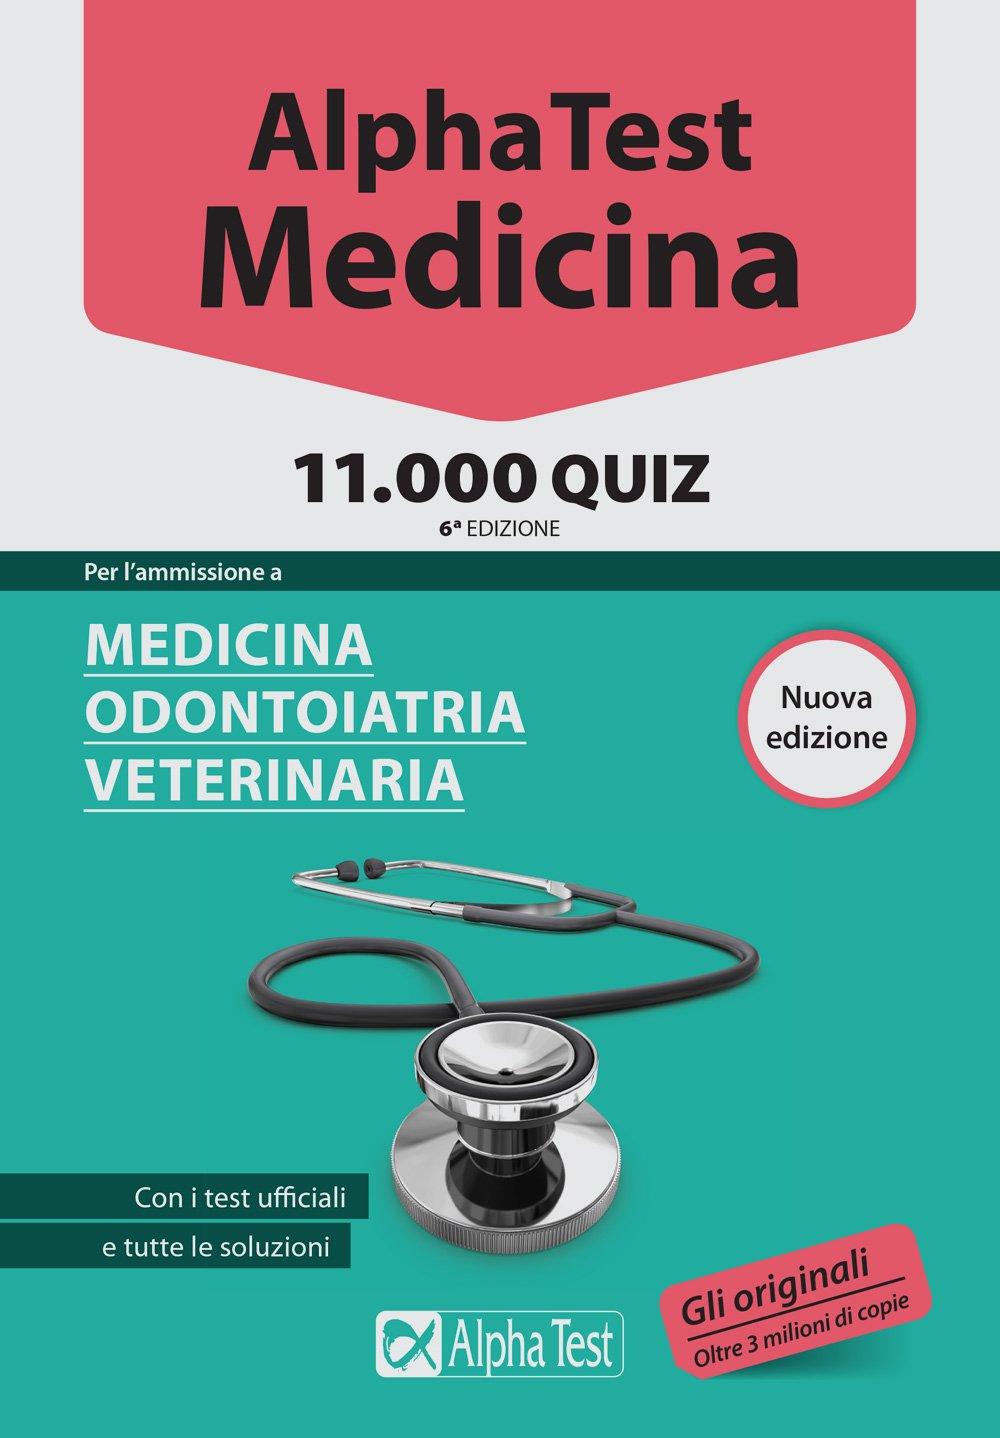 Alpha test Medicina. 11.000 QUIZ. 6° Edizione. Per l'ammissione a medicina, odontoiatria e veterinaria. Con i test ufficiali e tutte le soluzioni.